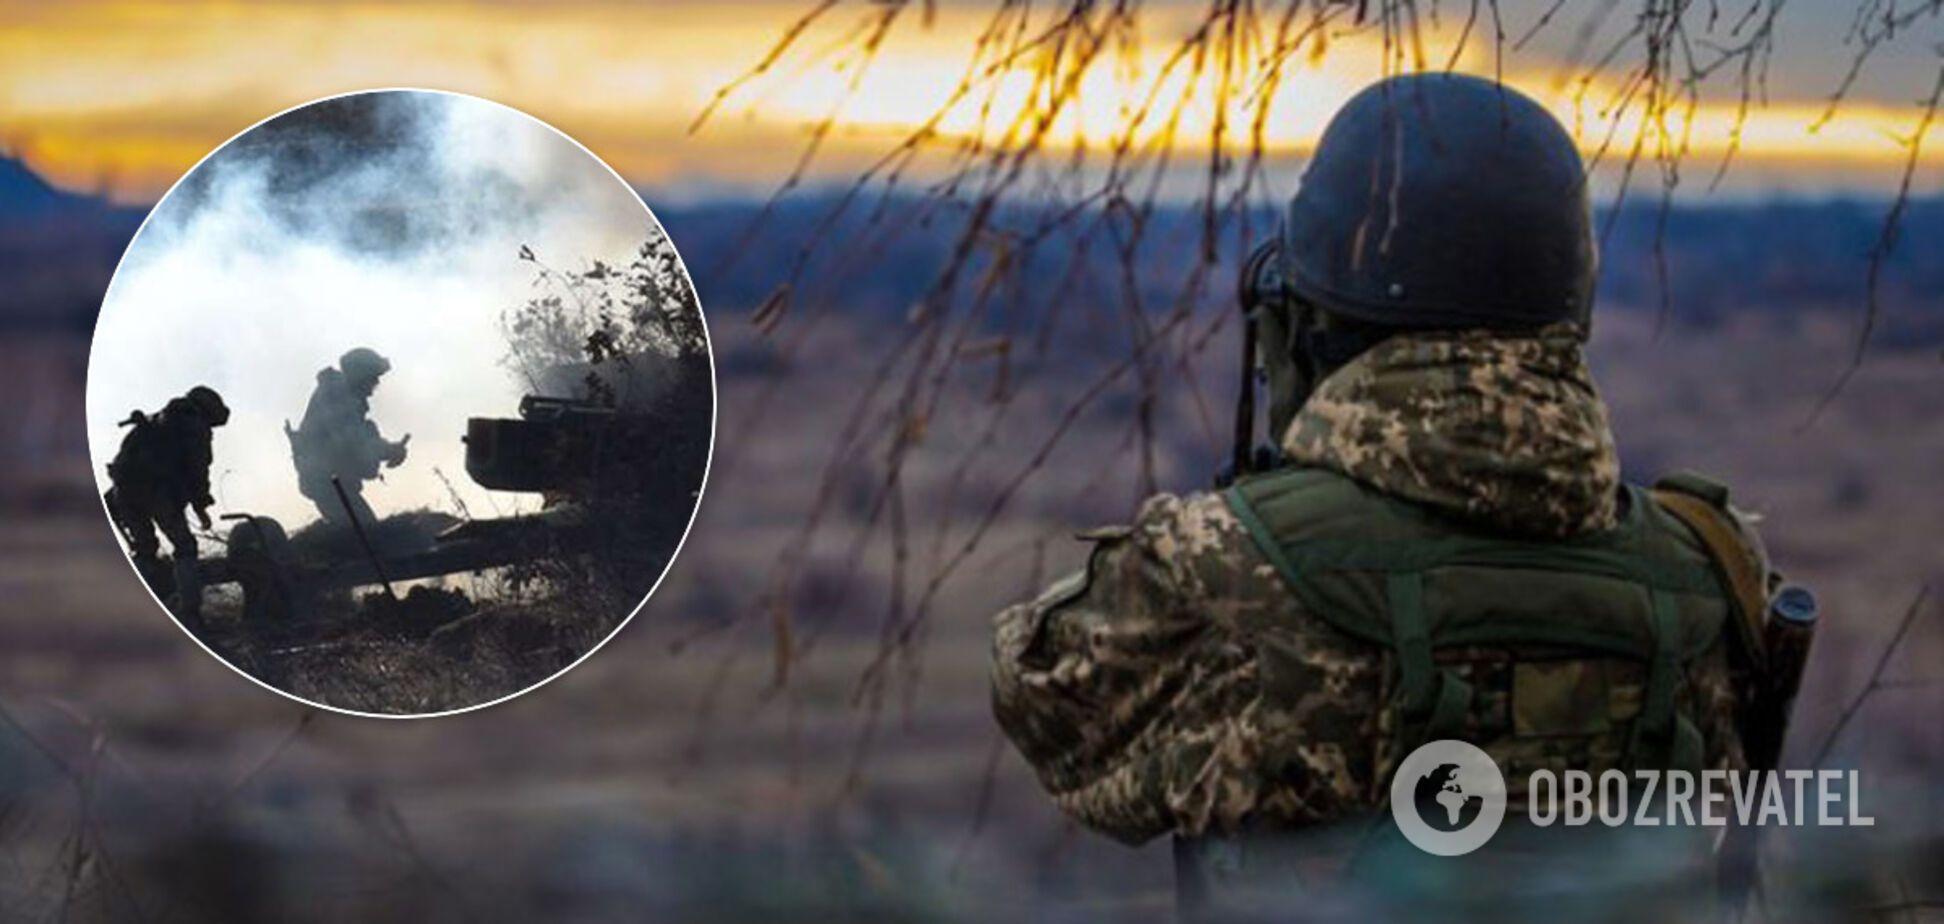 Террористы открыли огонь по ВСУ на Донбассе